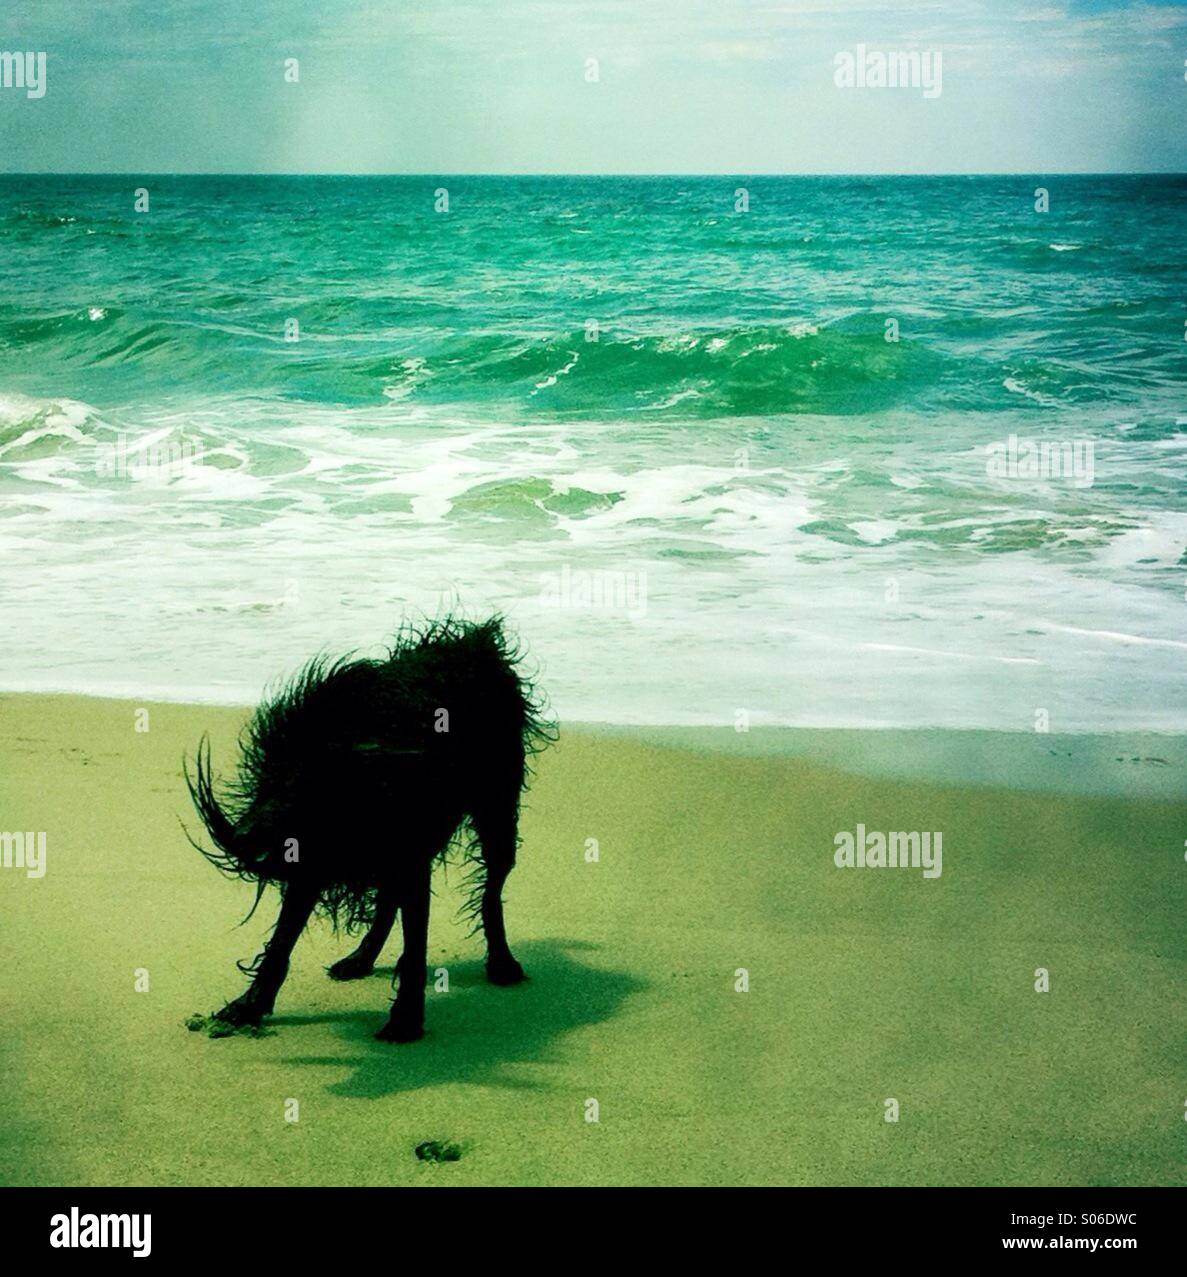 Un negro perro labradoodle shakin fuera del agua en la playa. Ventura California Estados Unidos. Imagen De Stock